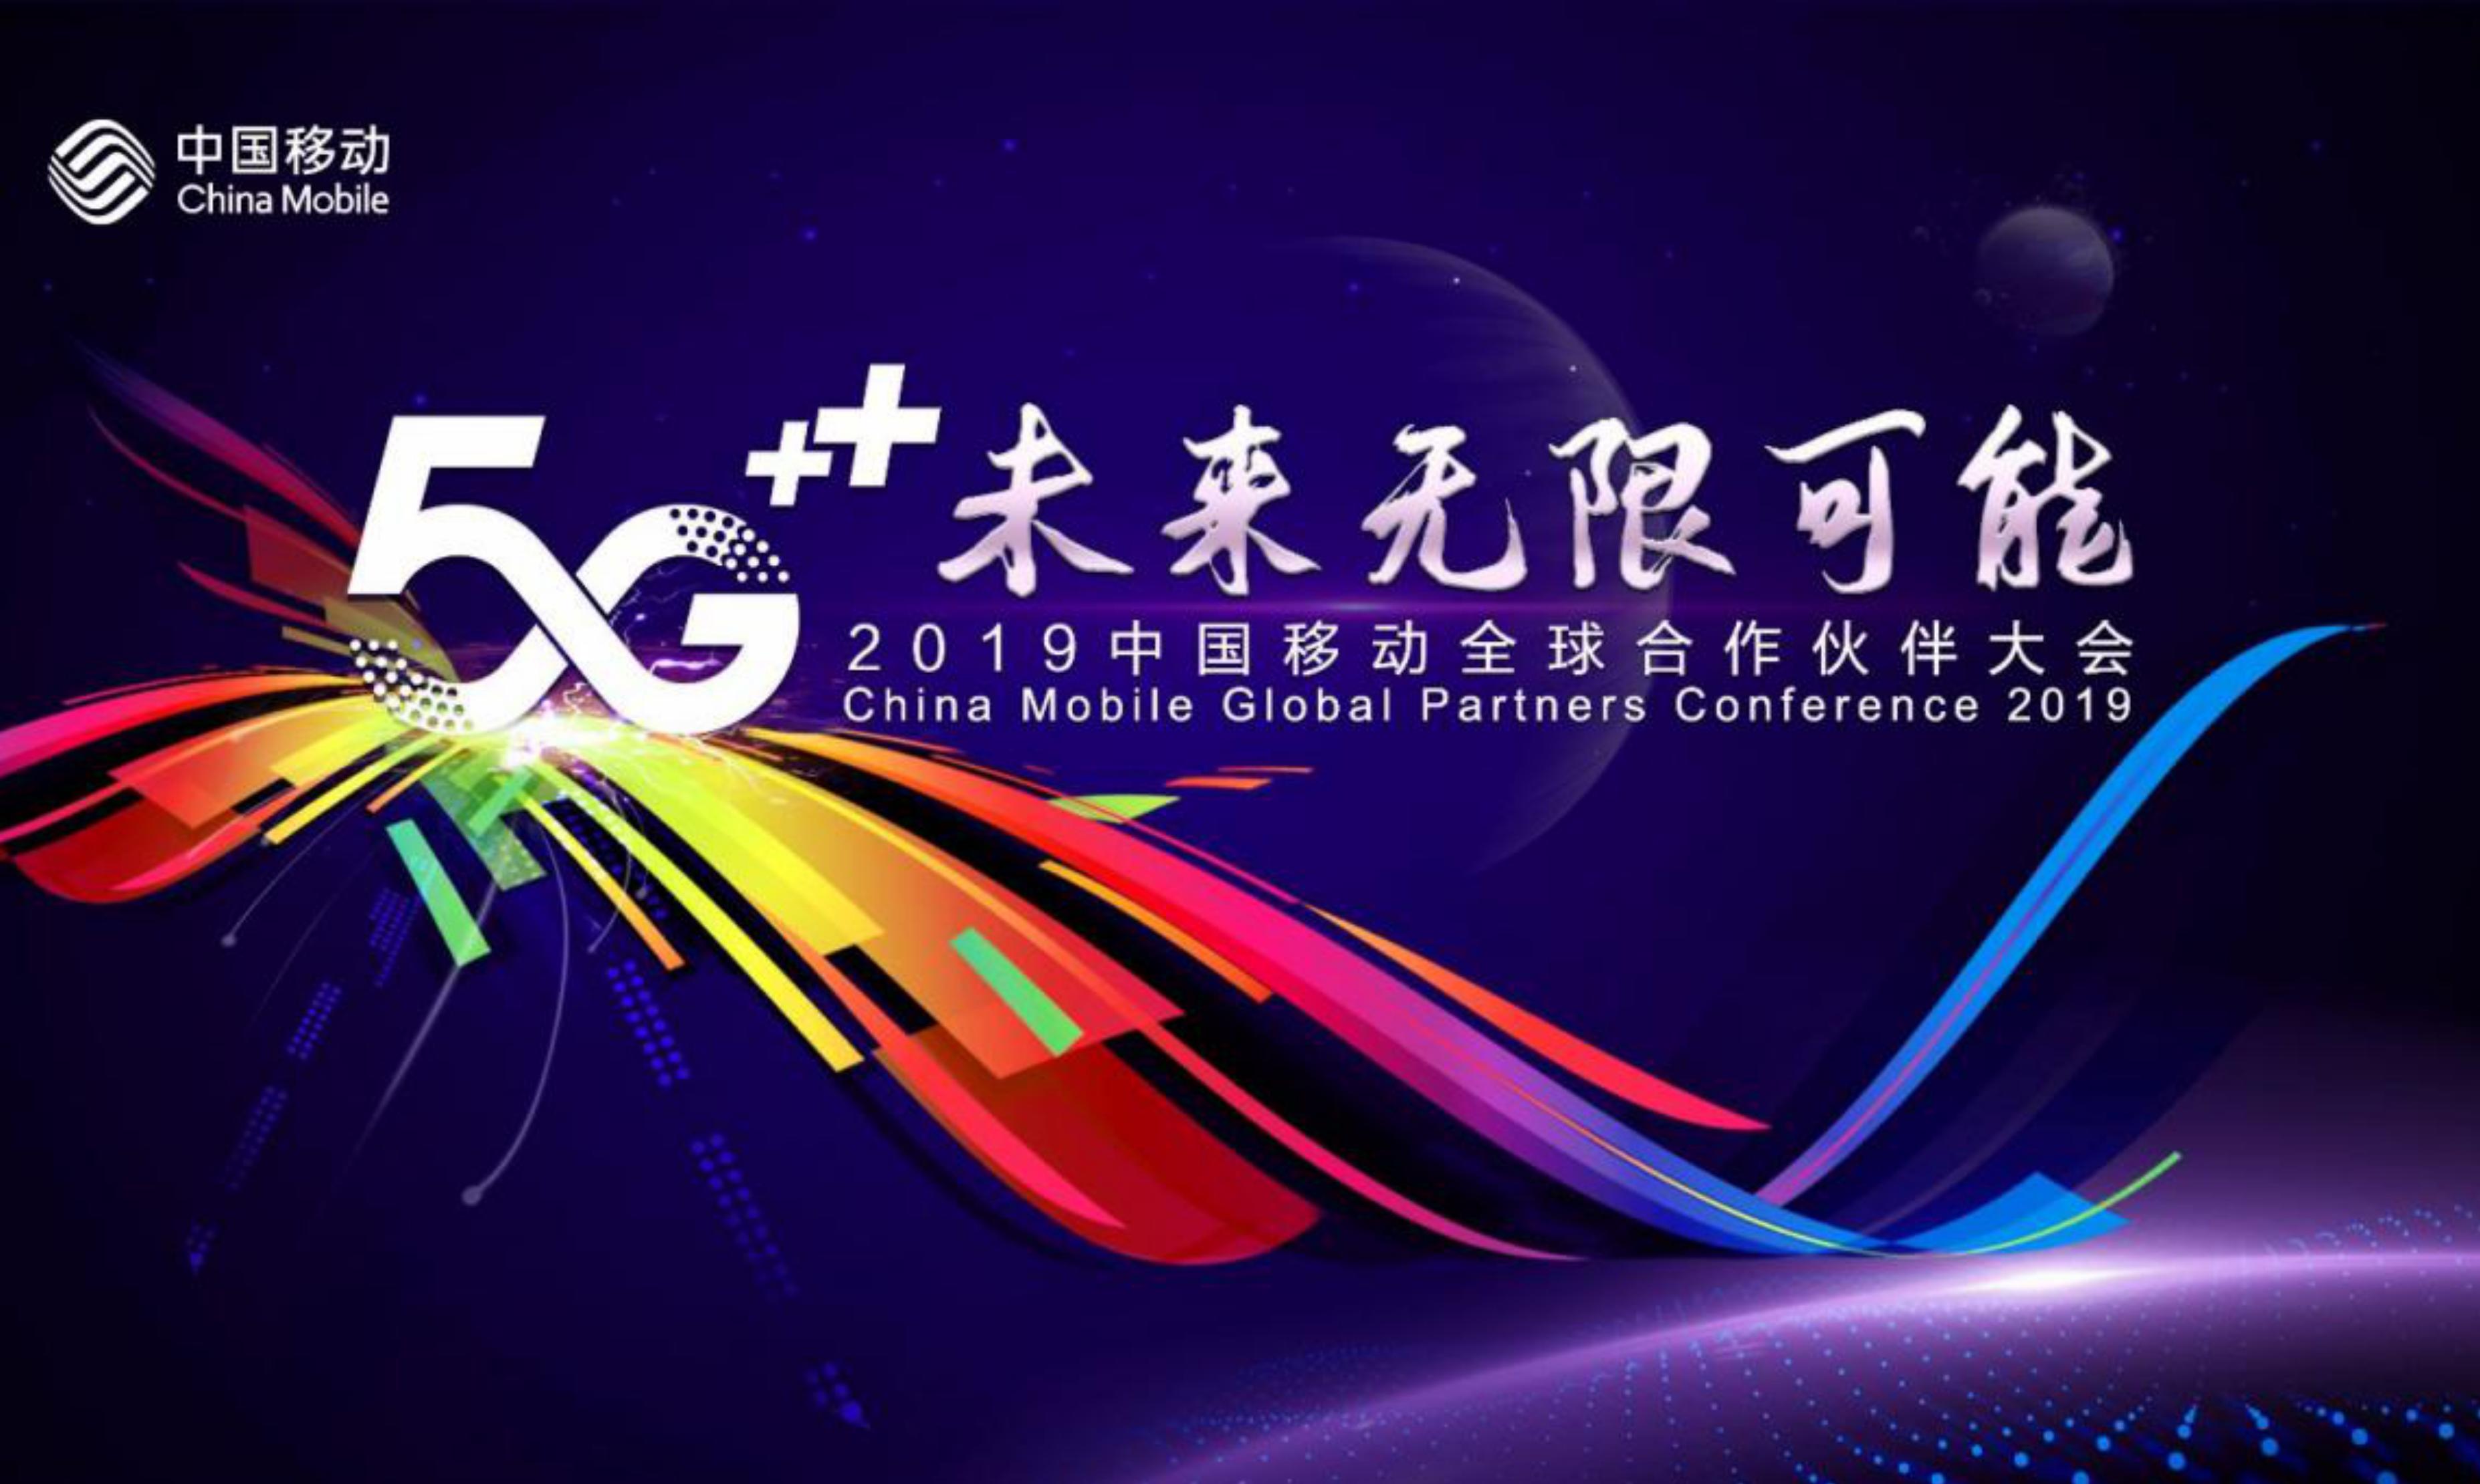 多多云科技受邀参加中国移动全球合作伙伴大会